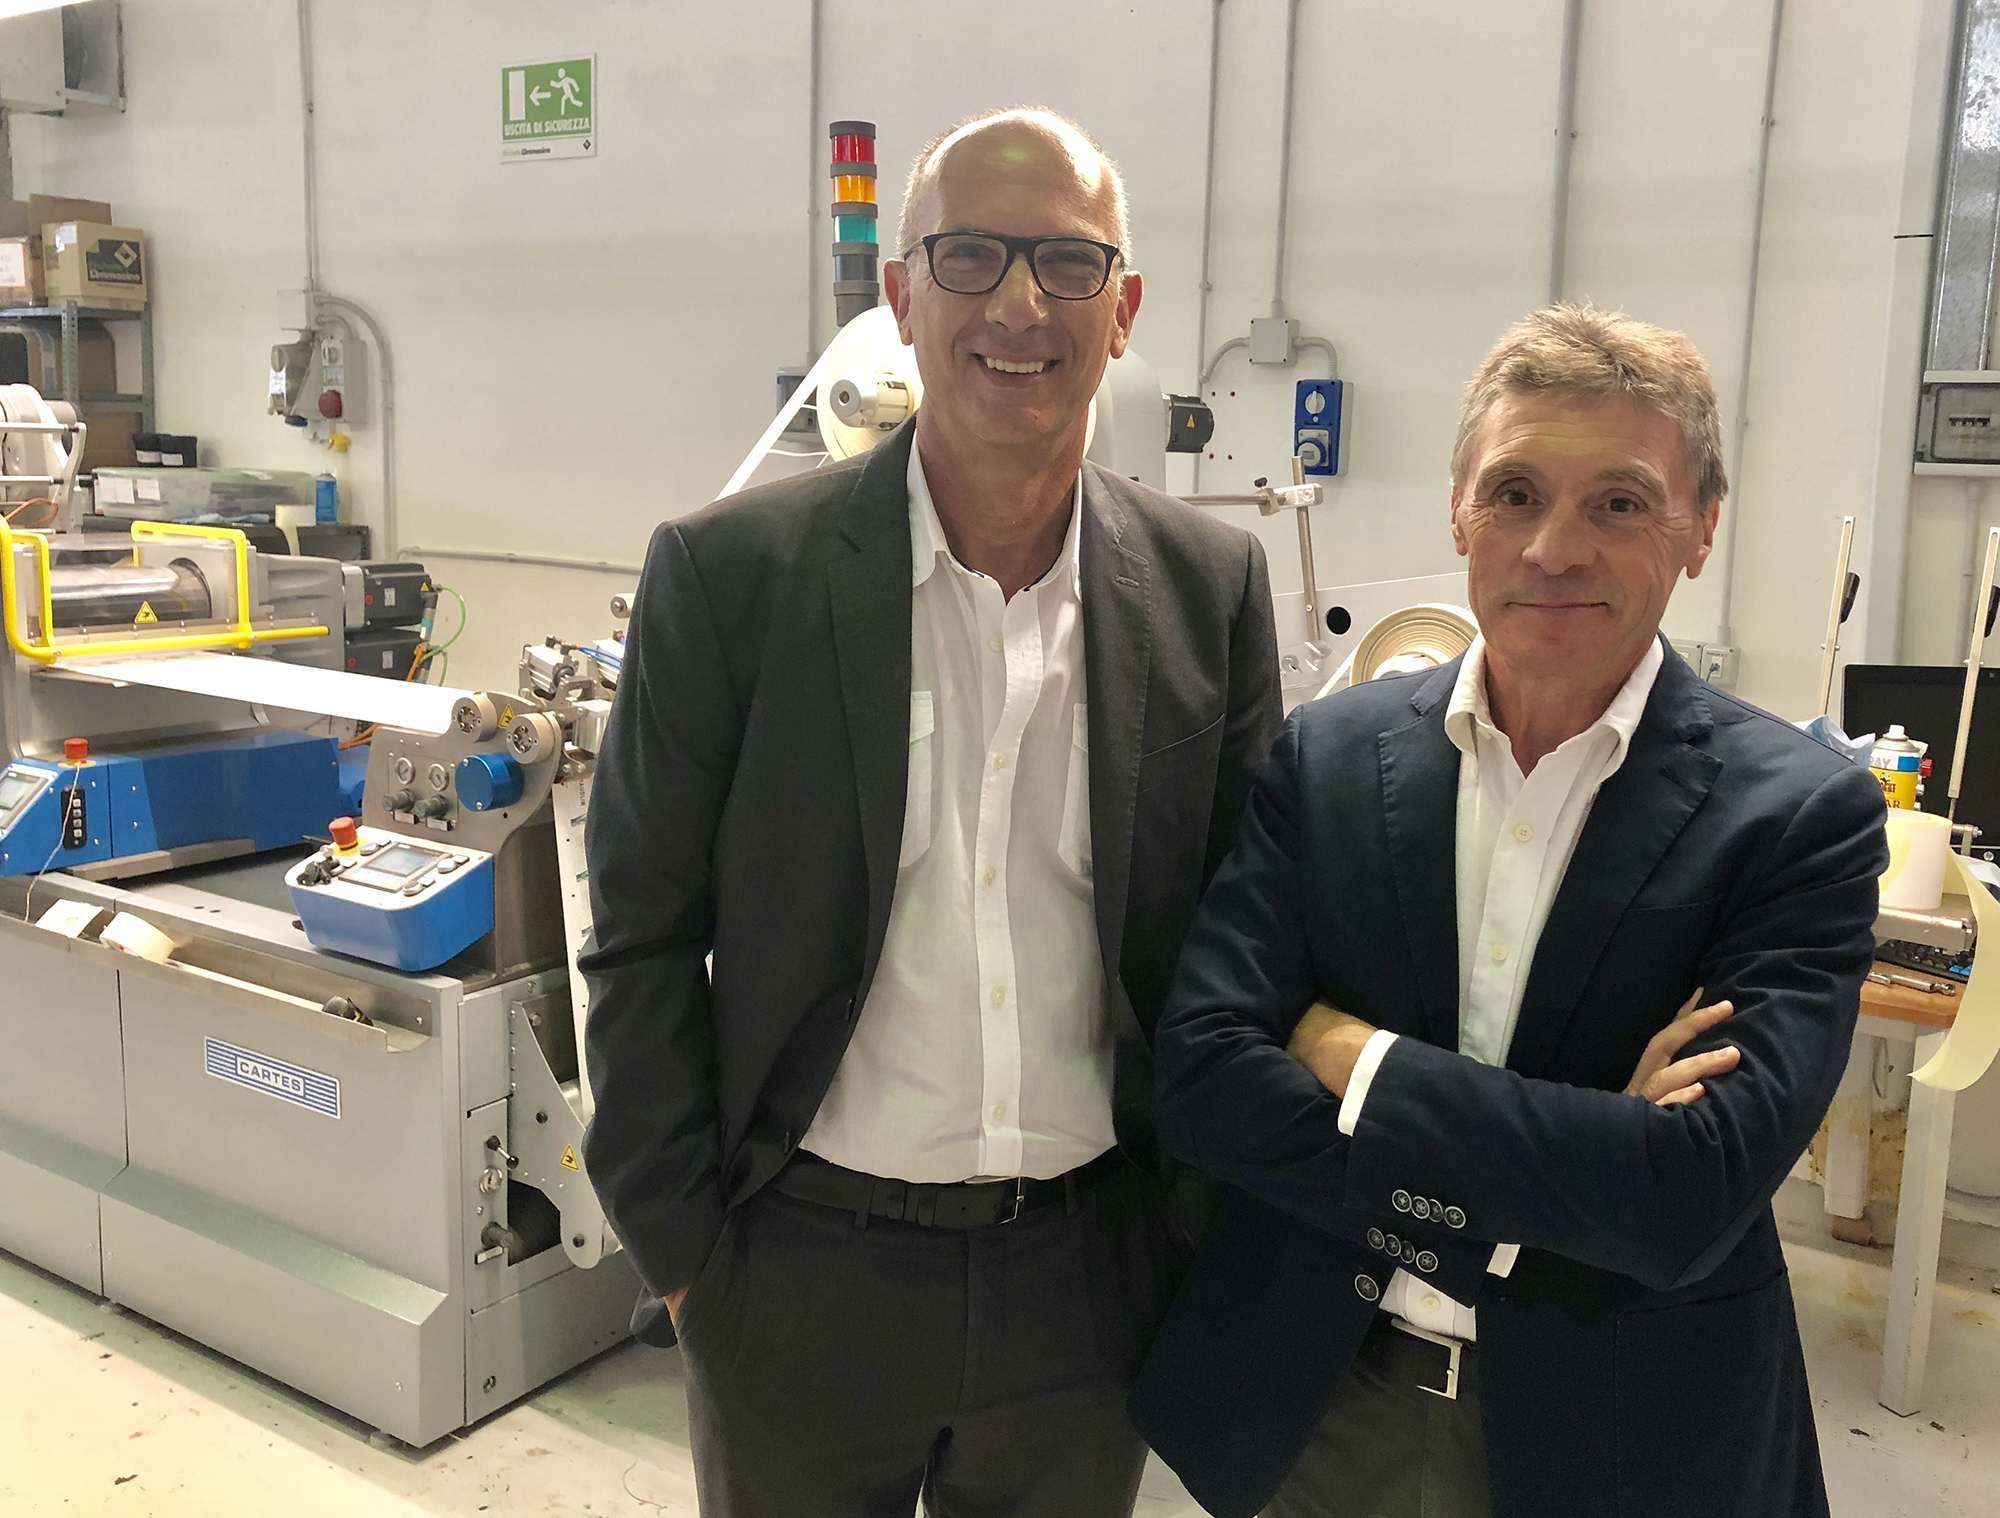 I due soci fondatori Gaetano Armenio e Stefano Salvemini